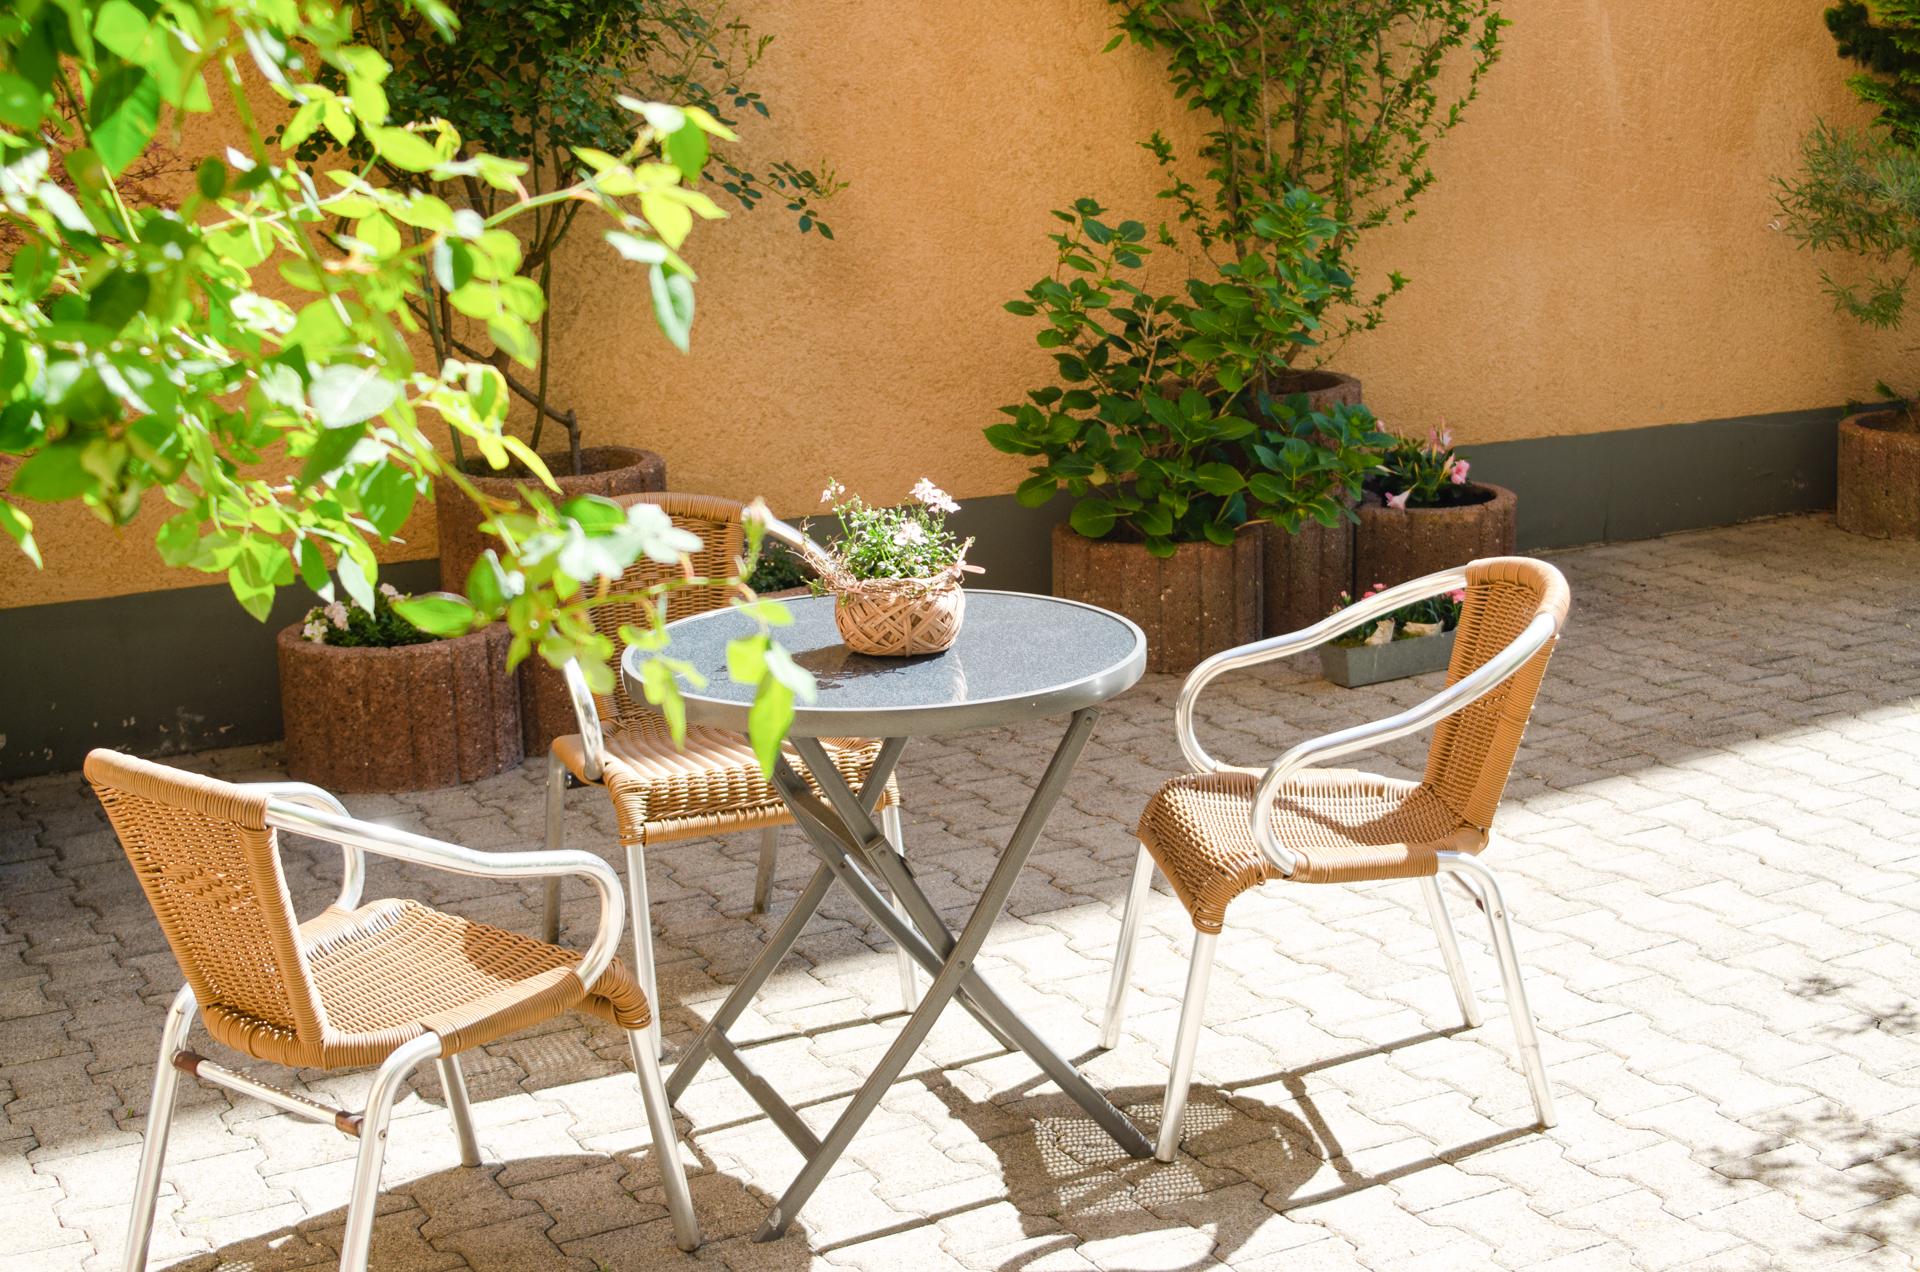 Der Hinterhof des Gästehaus in Walldorf lädt zum Verweilen ein